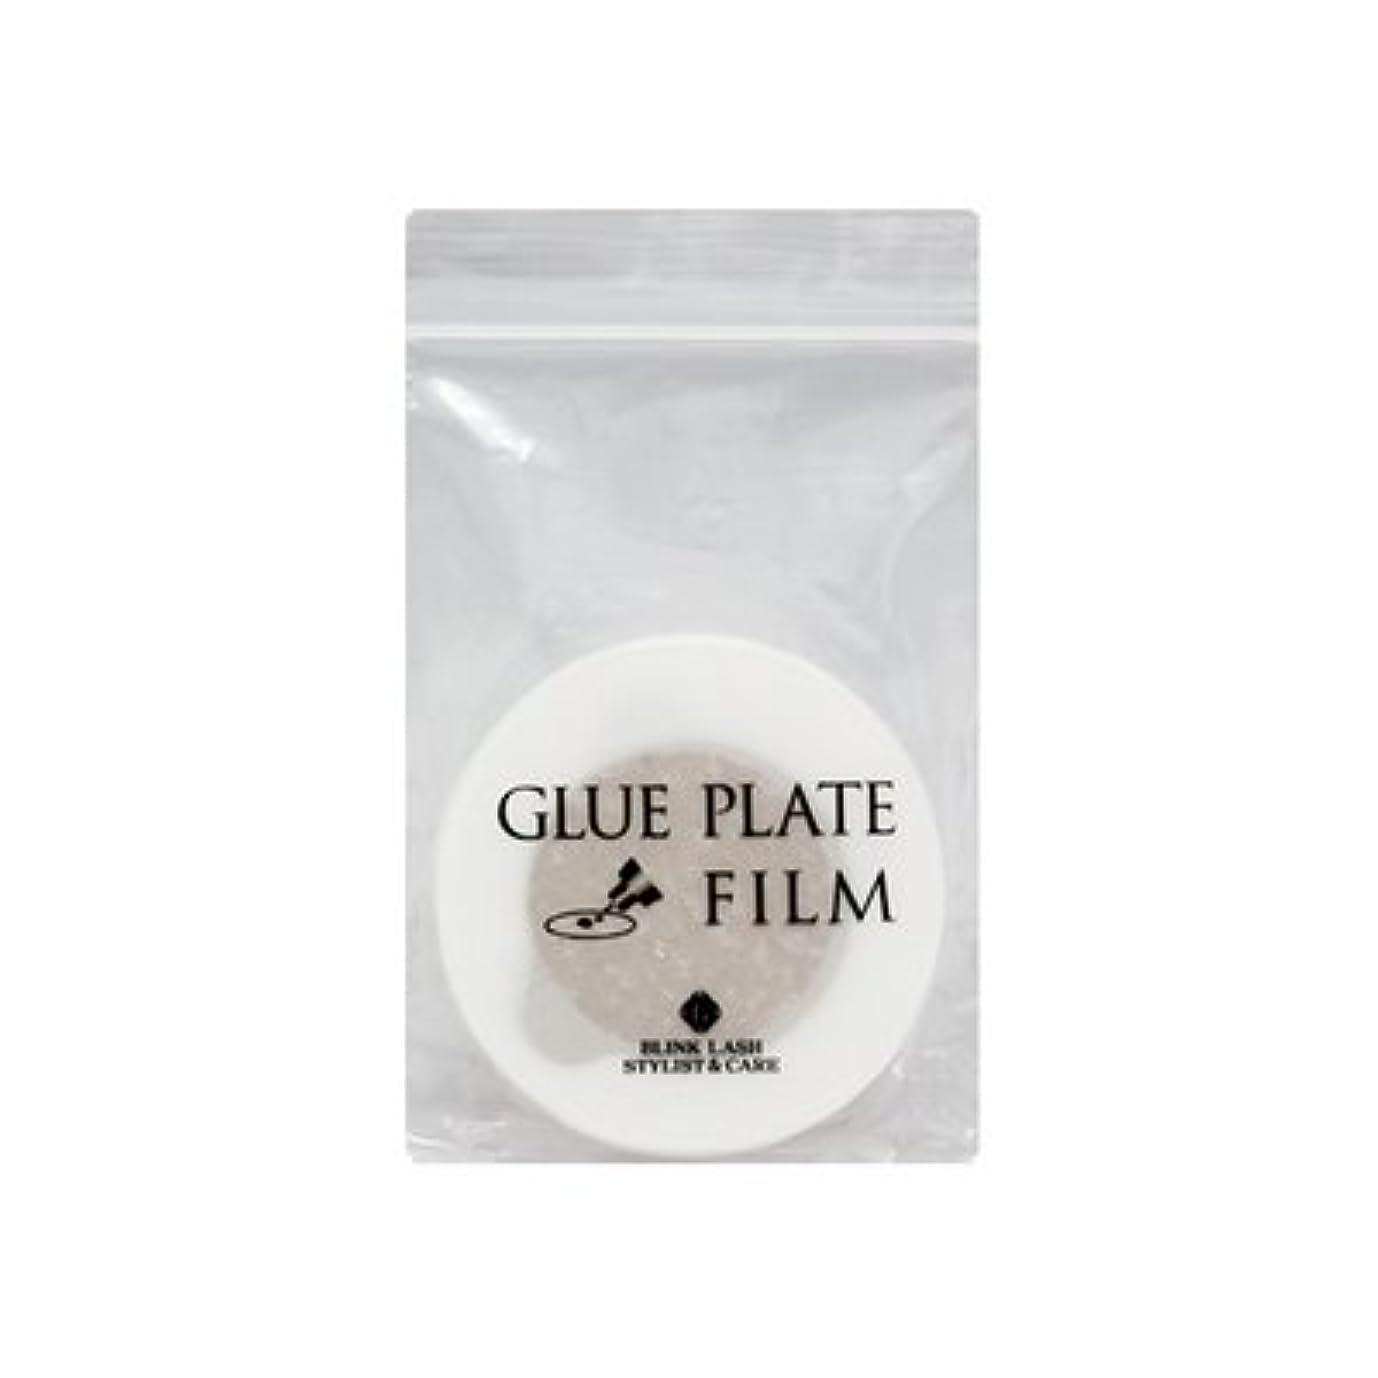 元気床を掃除するマティス【まつげエクステ】BLINK グループレートフィルム〈 30枚入 〉 (25mm)